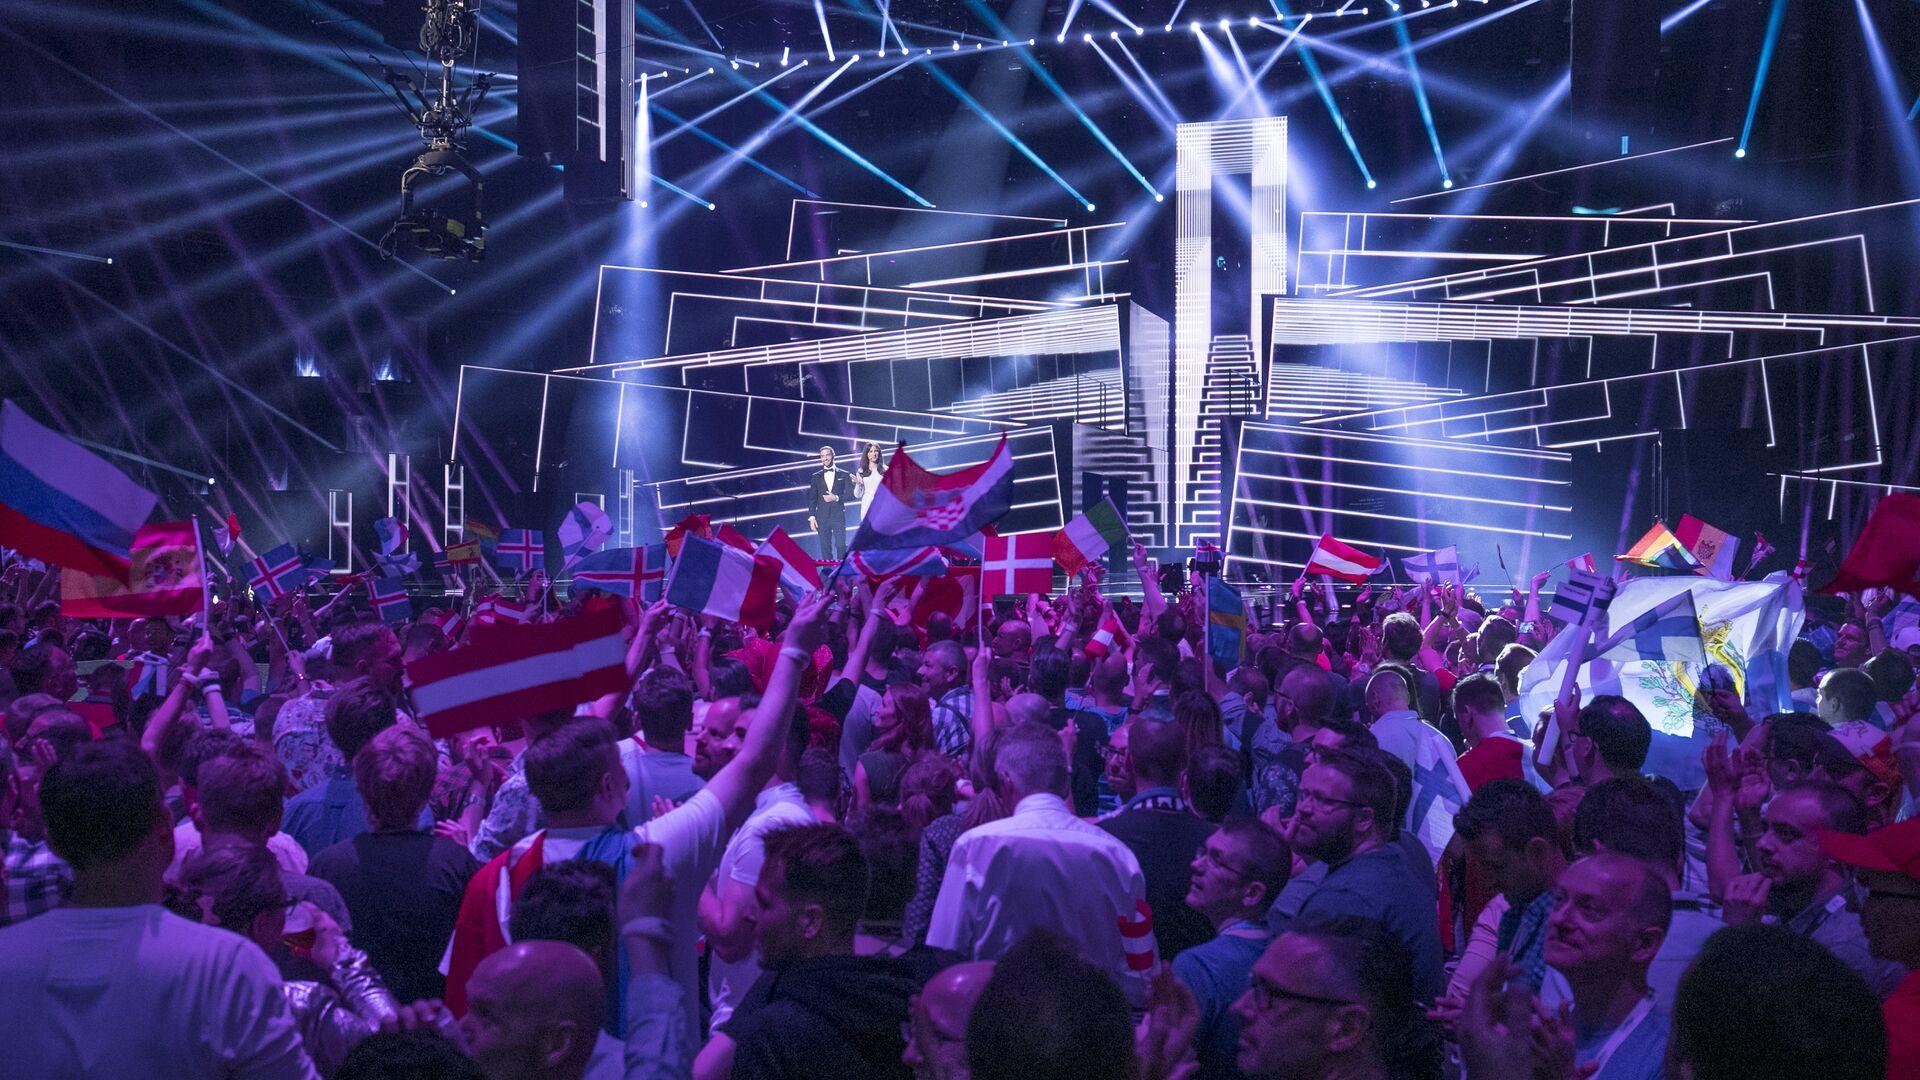 Зрители во время финала конкурса Евровидение - РИА Новости, 1920, 02.03.2021